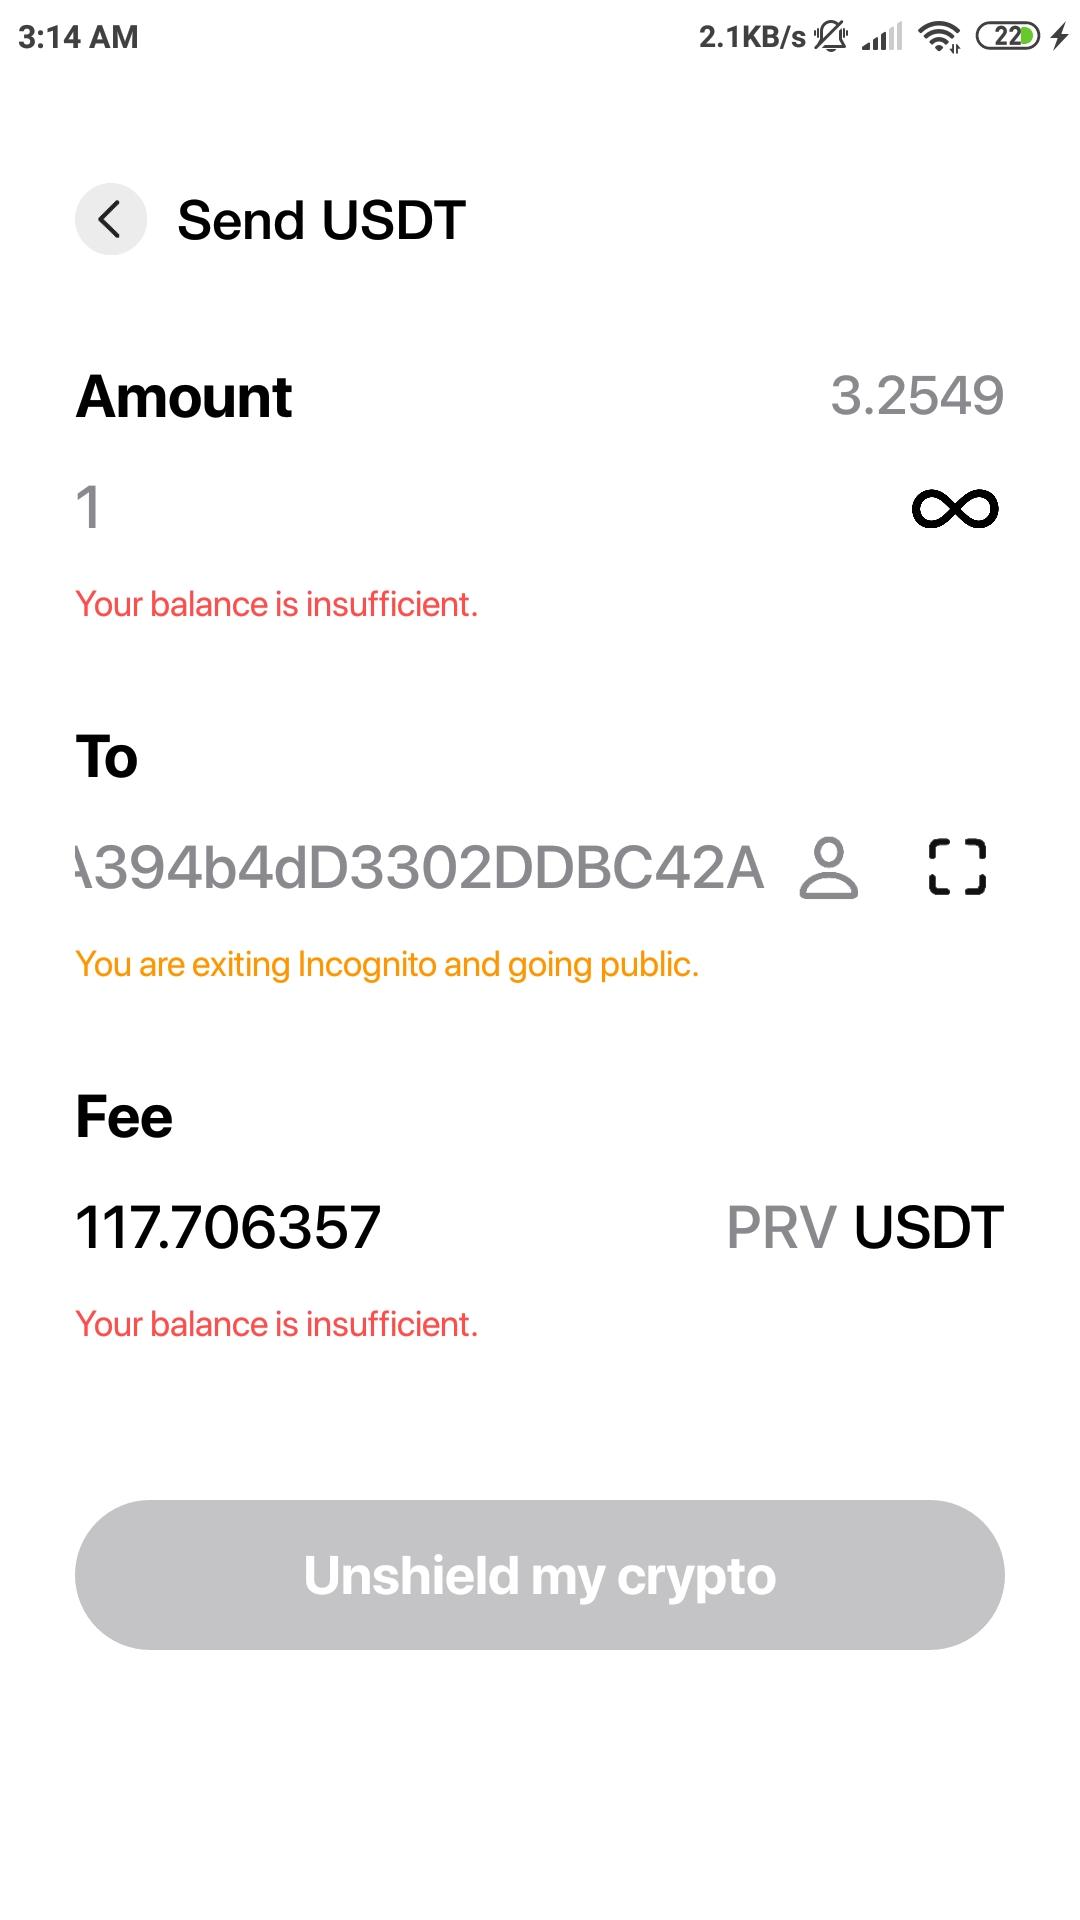 Screenshot_2021-02-21-03-14-49-041_com.incognito.wallet